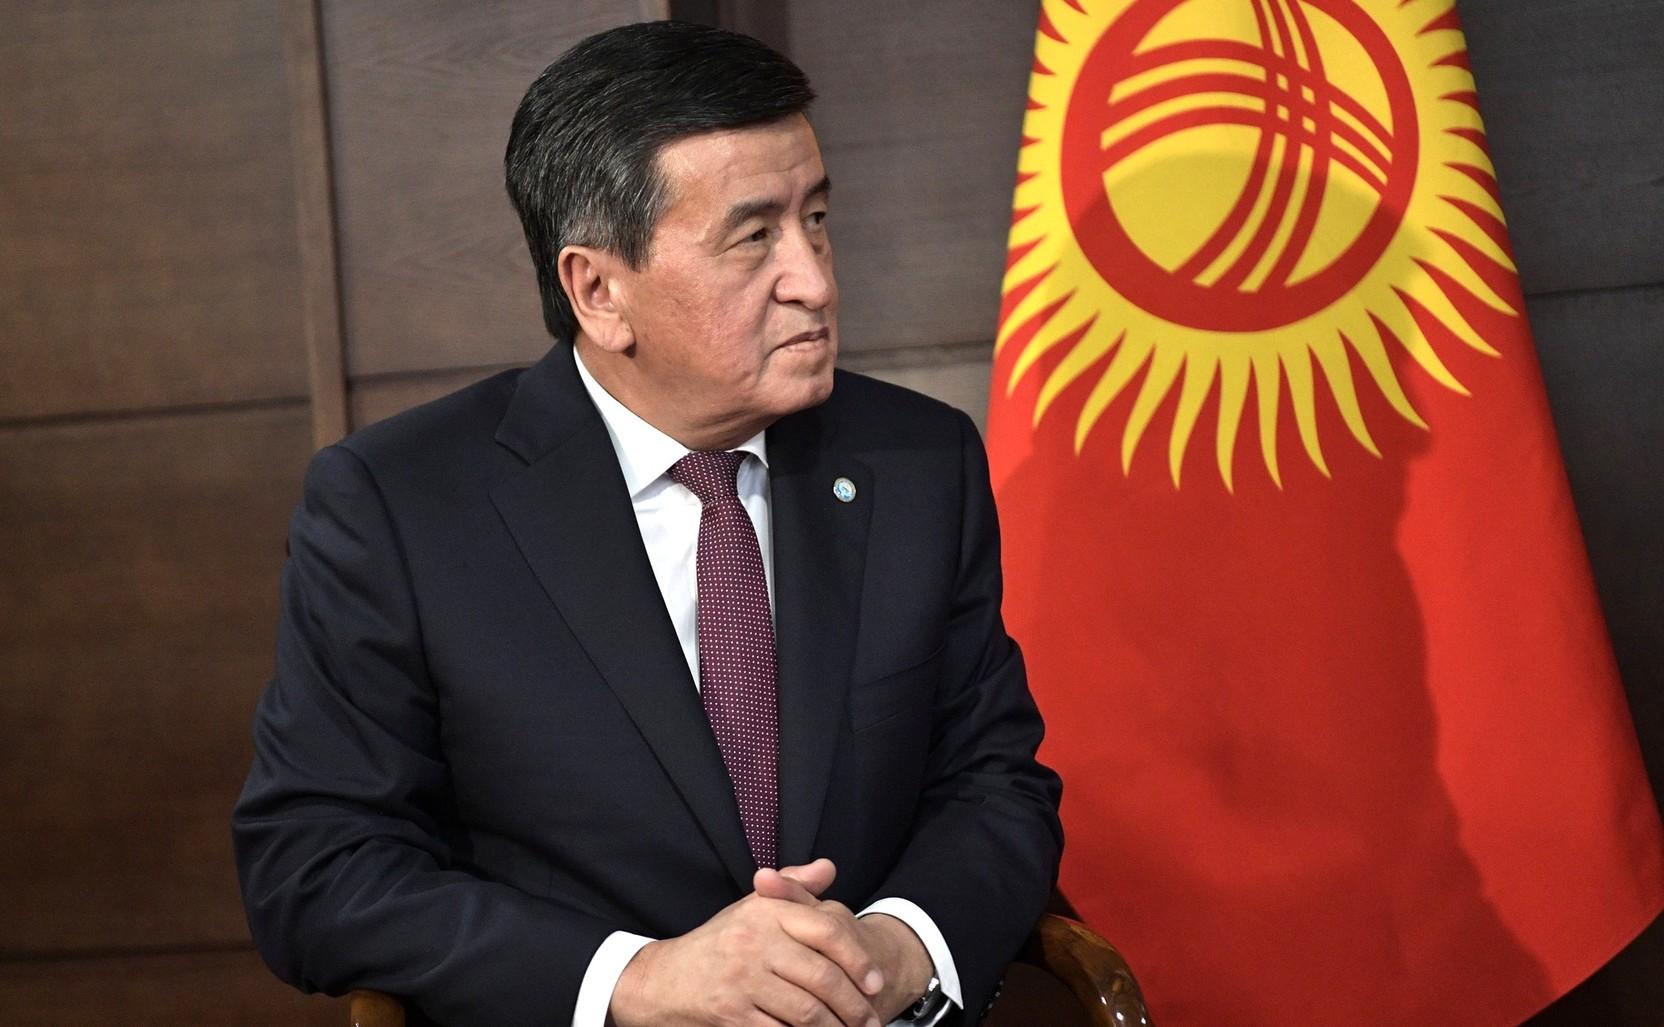 Экс-президенту Киргизии Жээнбекову сохранили неприкосновенность